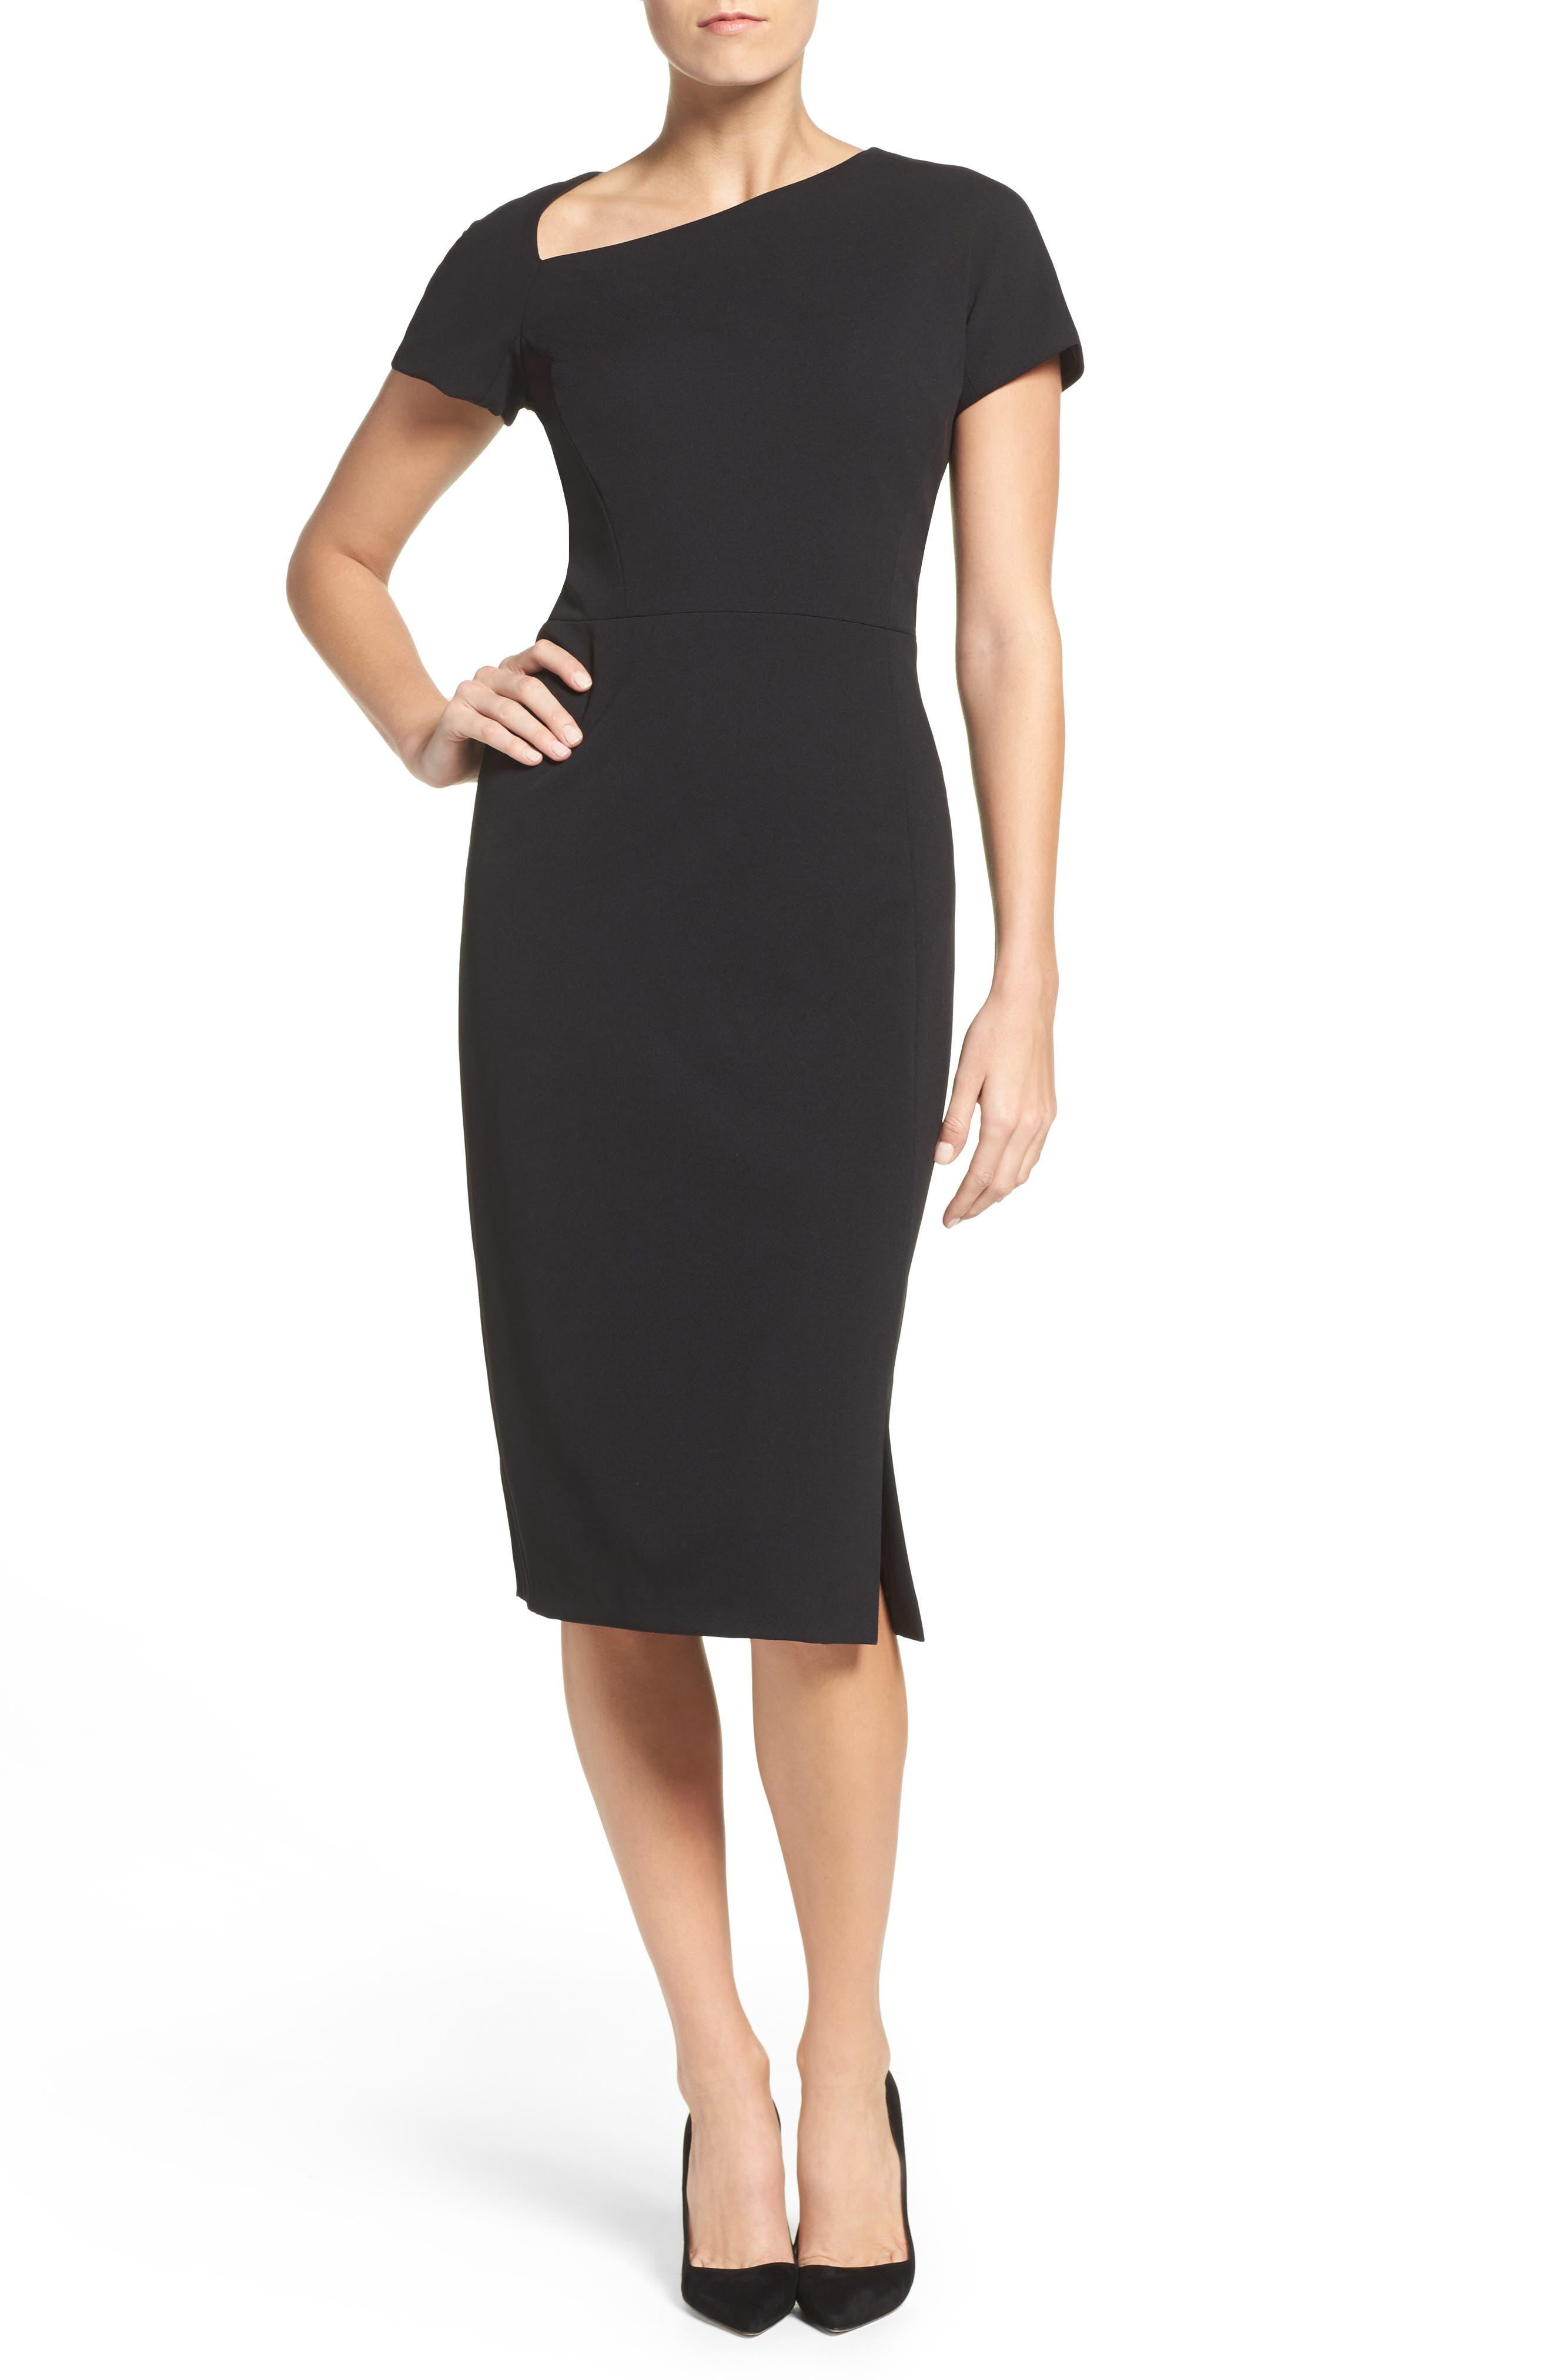 MAGGY LONDON Asymmetrical Sheath Dress, Main, color, 001